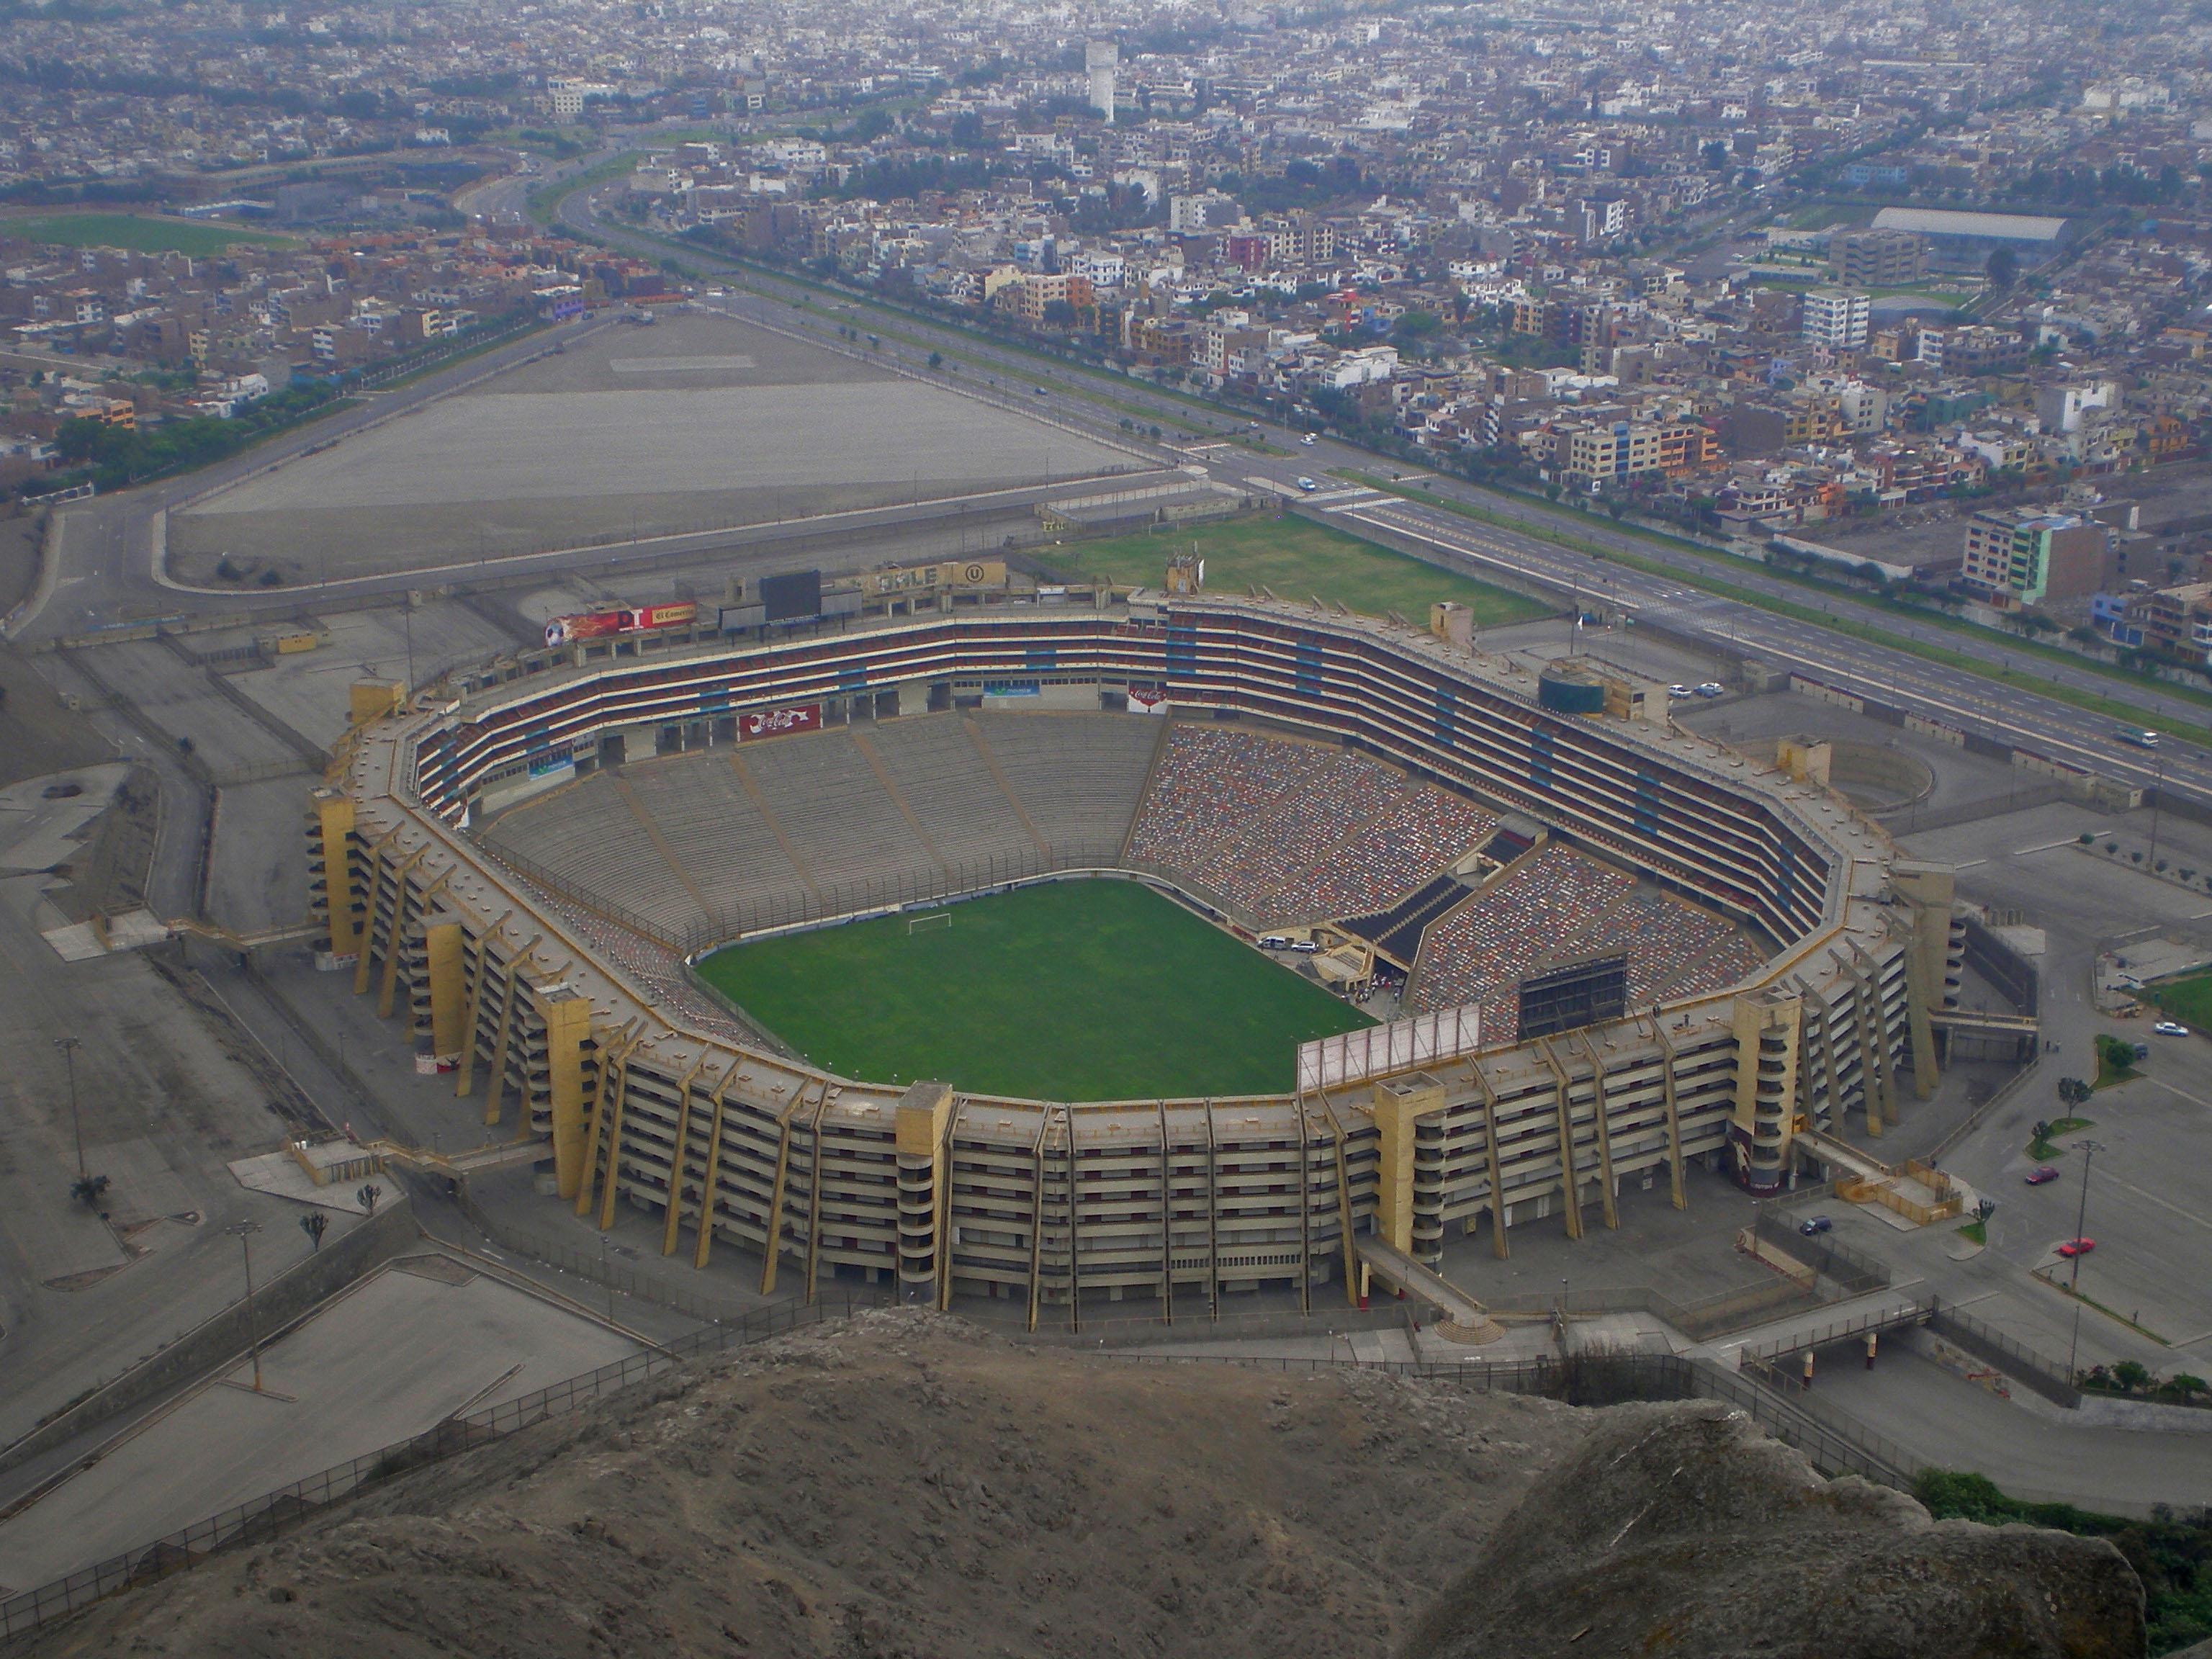 Estadio nacional de lima for Puerta 9 del estadio nacional de lima